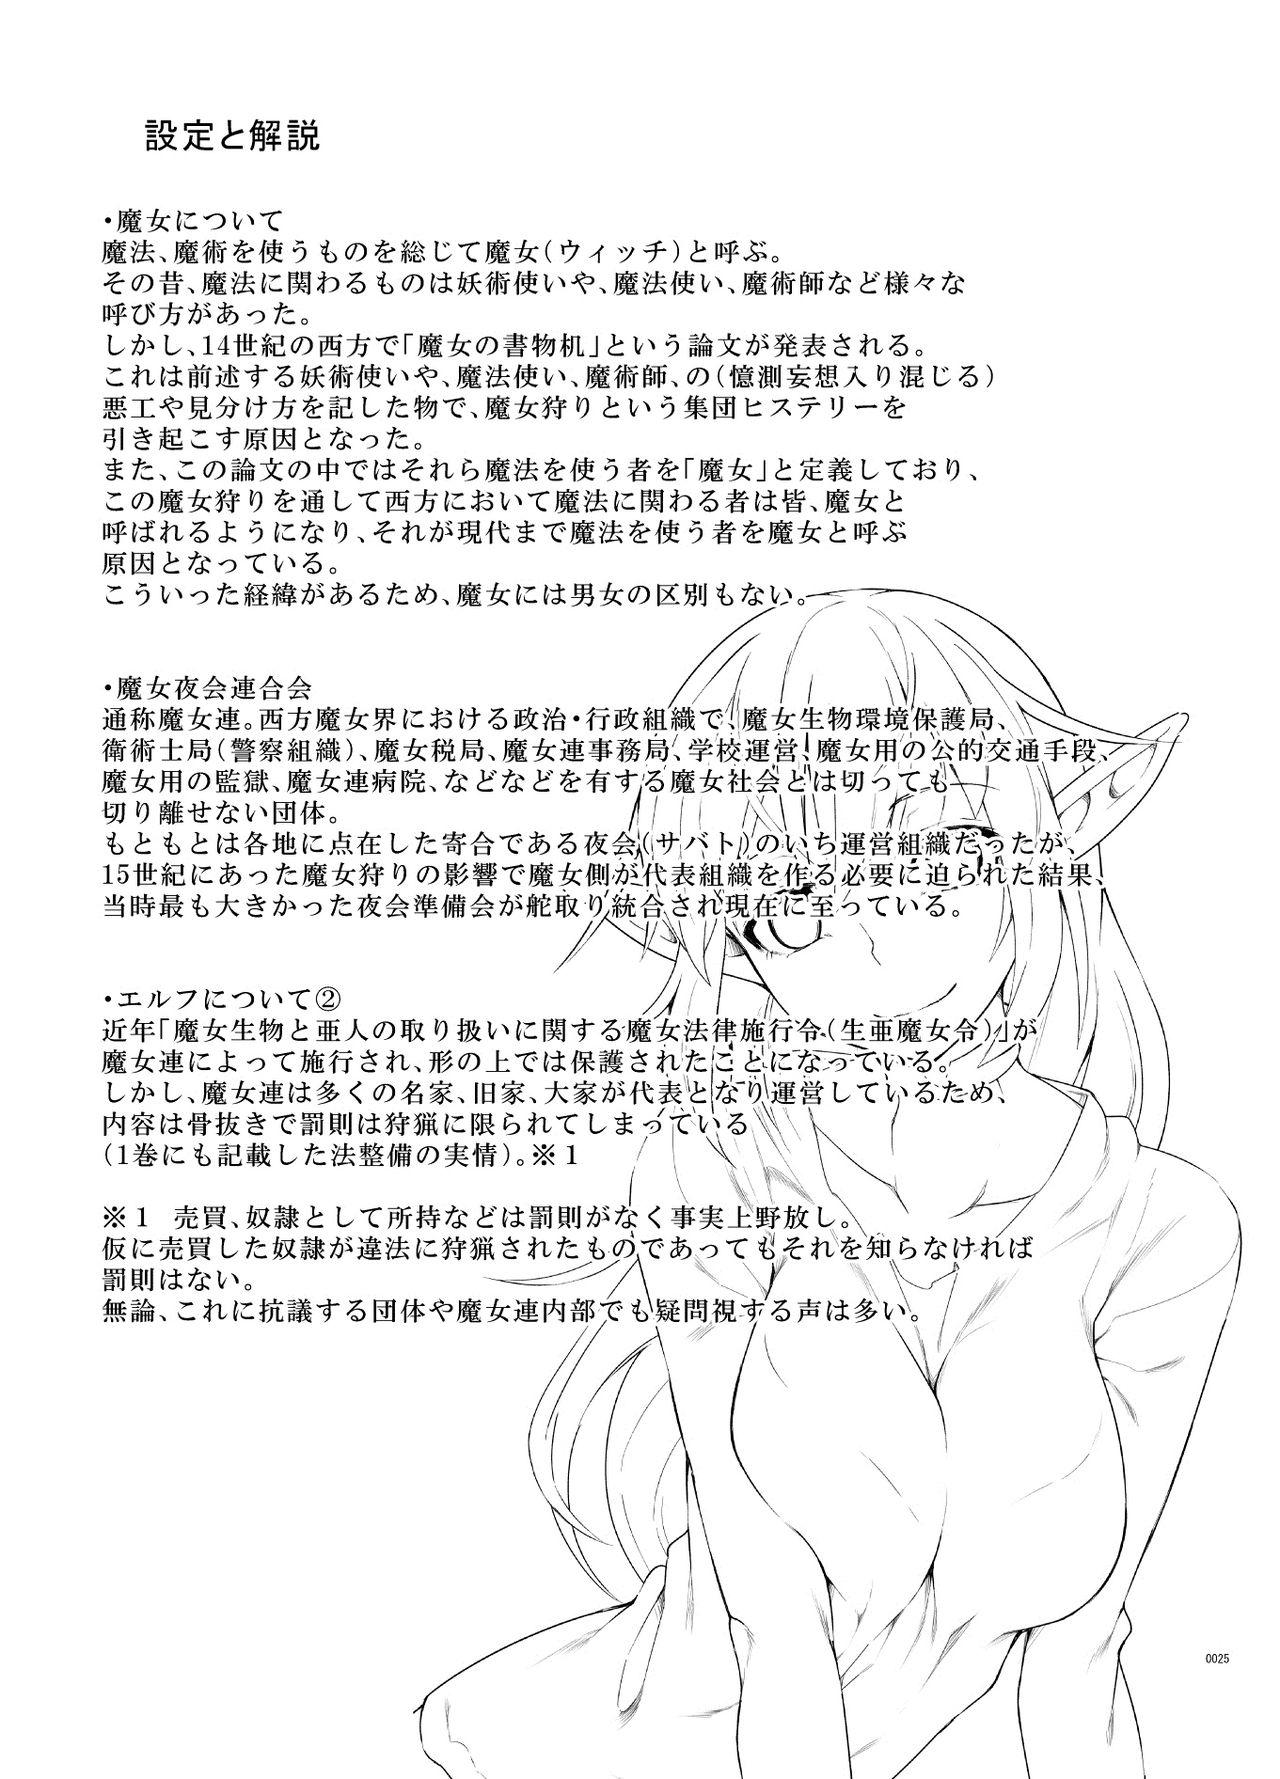 Toaru Elf o Hikitorimashite Shunmin no Hi 23